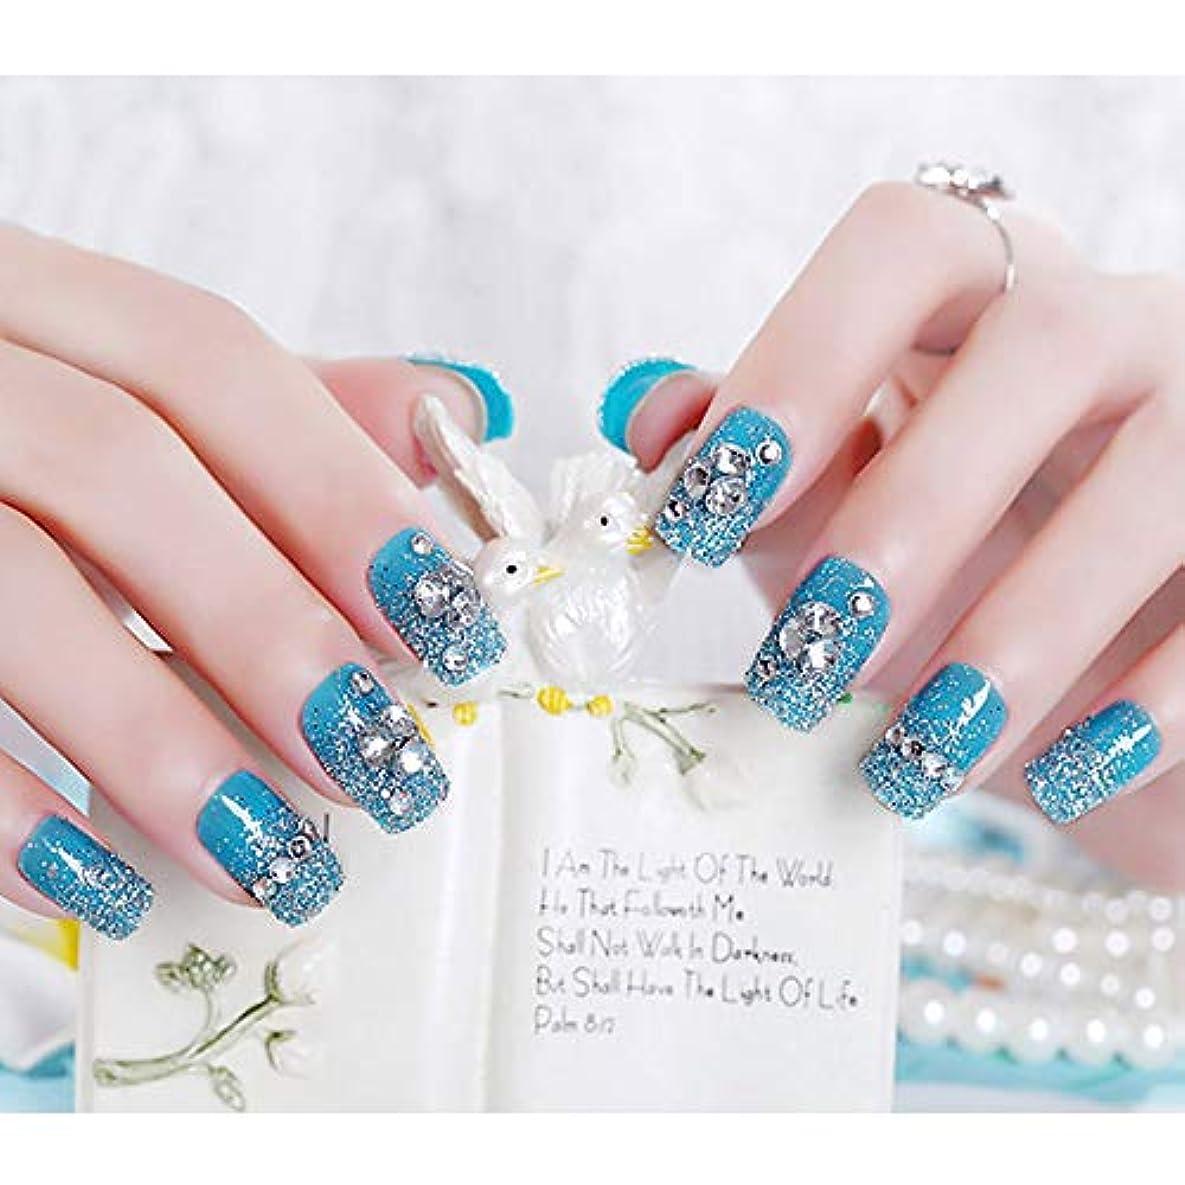 牽引大聖堂従順XUTXZKA 女性フルカバーネイルアートのヒントシャイニーラインストーングリッターフェイクネイルファッションブルーカラー偽爪24ピース